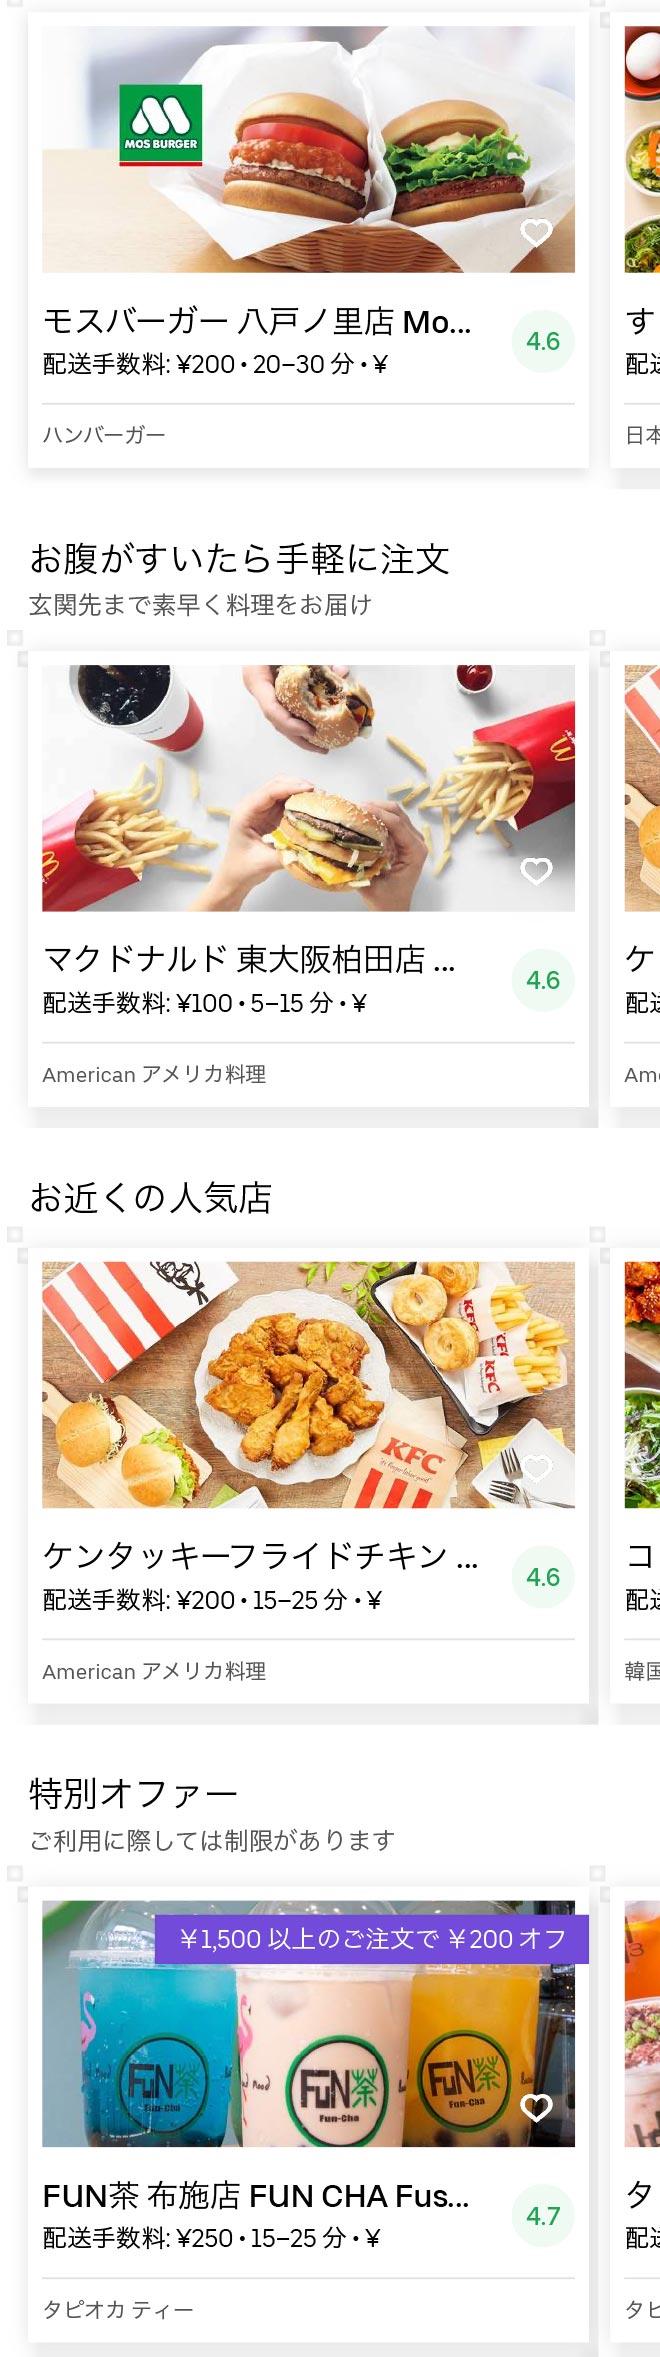 Higashi osaka nagase menu 2005 01